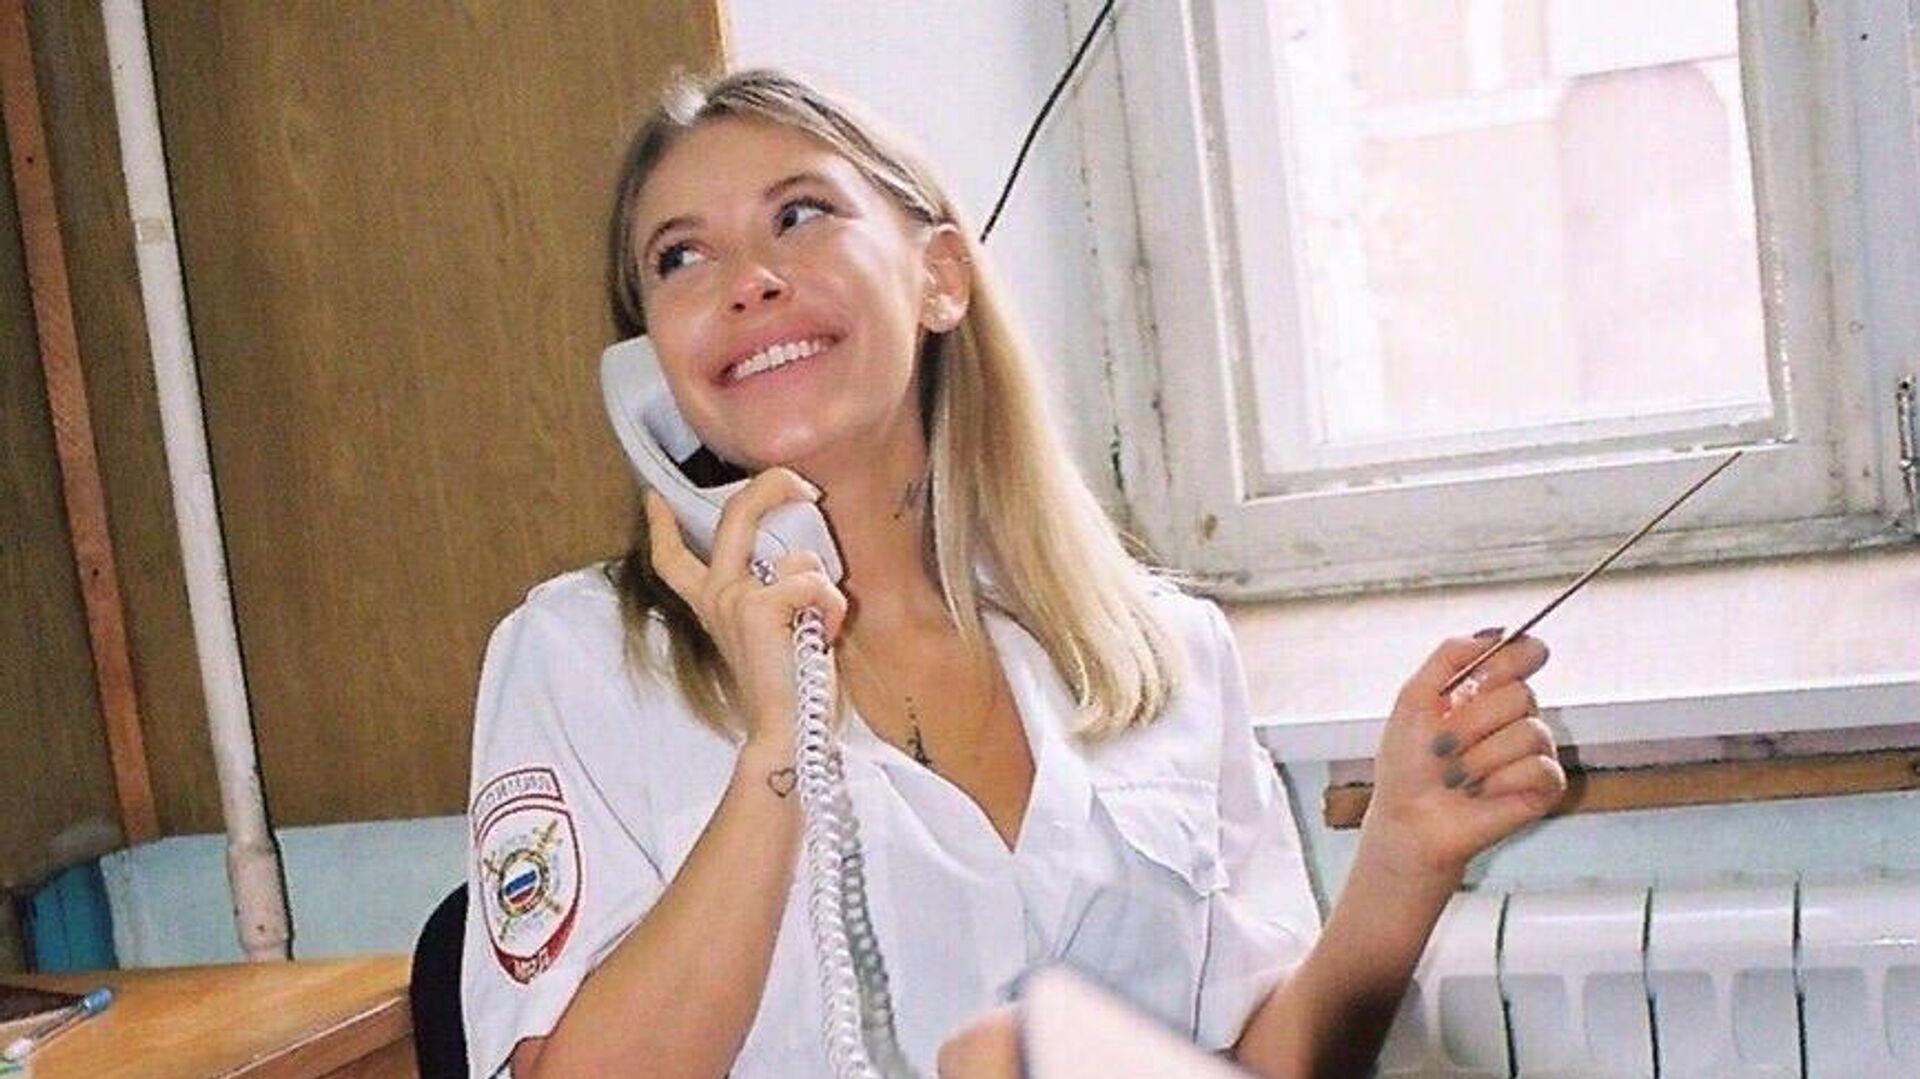 Работы в полиции для девушек тверь marina mari